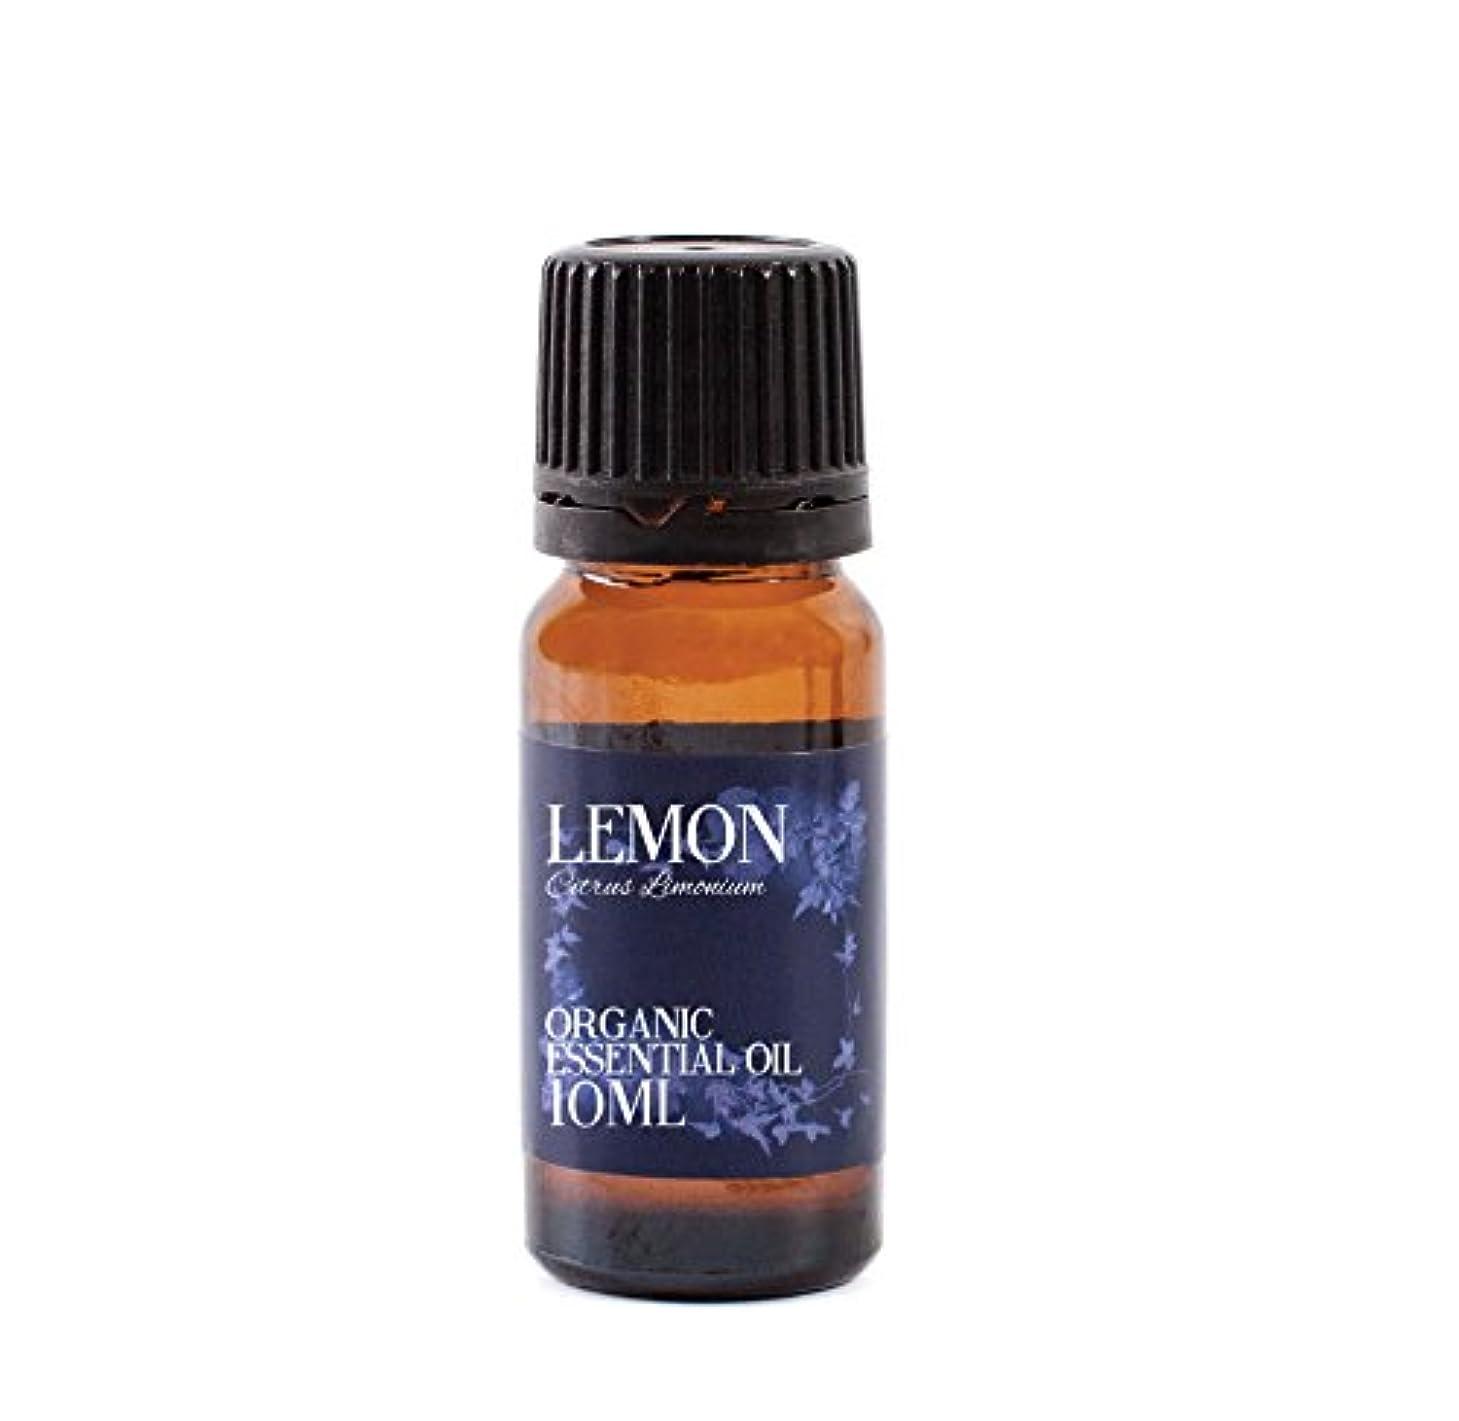 マネージャー矢印平手打ちMystic Moments | Lemon Organic Essential Oil - 10ml - 100% Pure